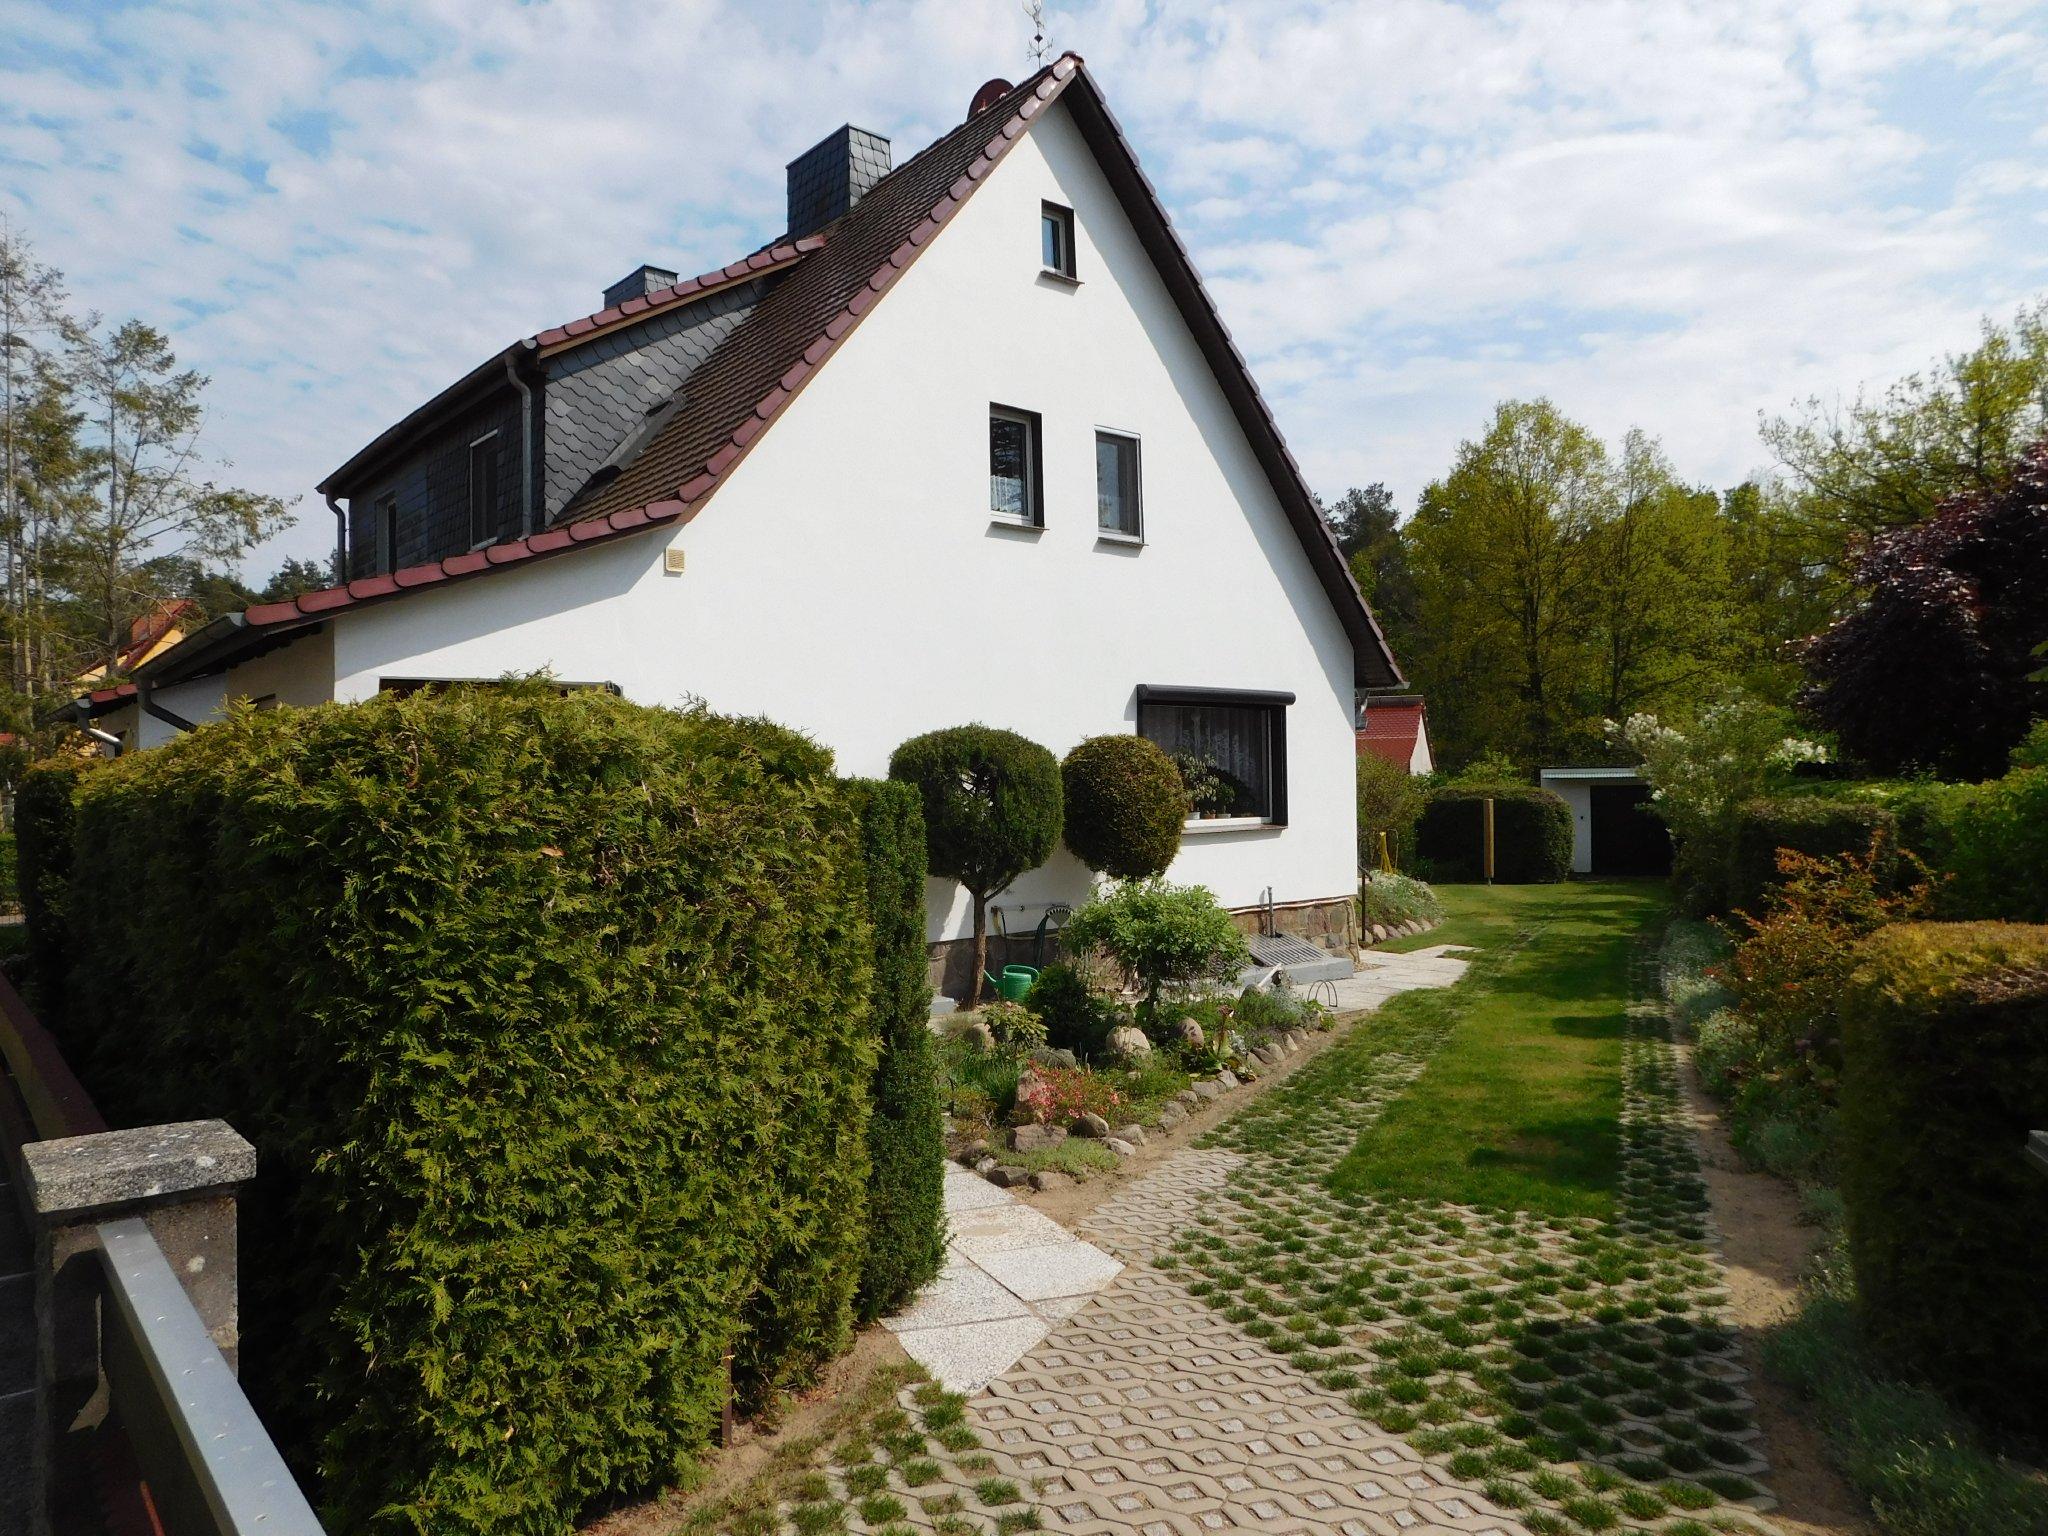 Ferienhaus - SUN - Schein